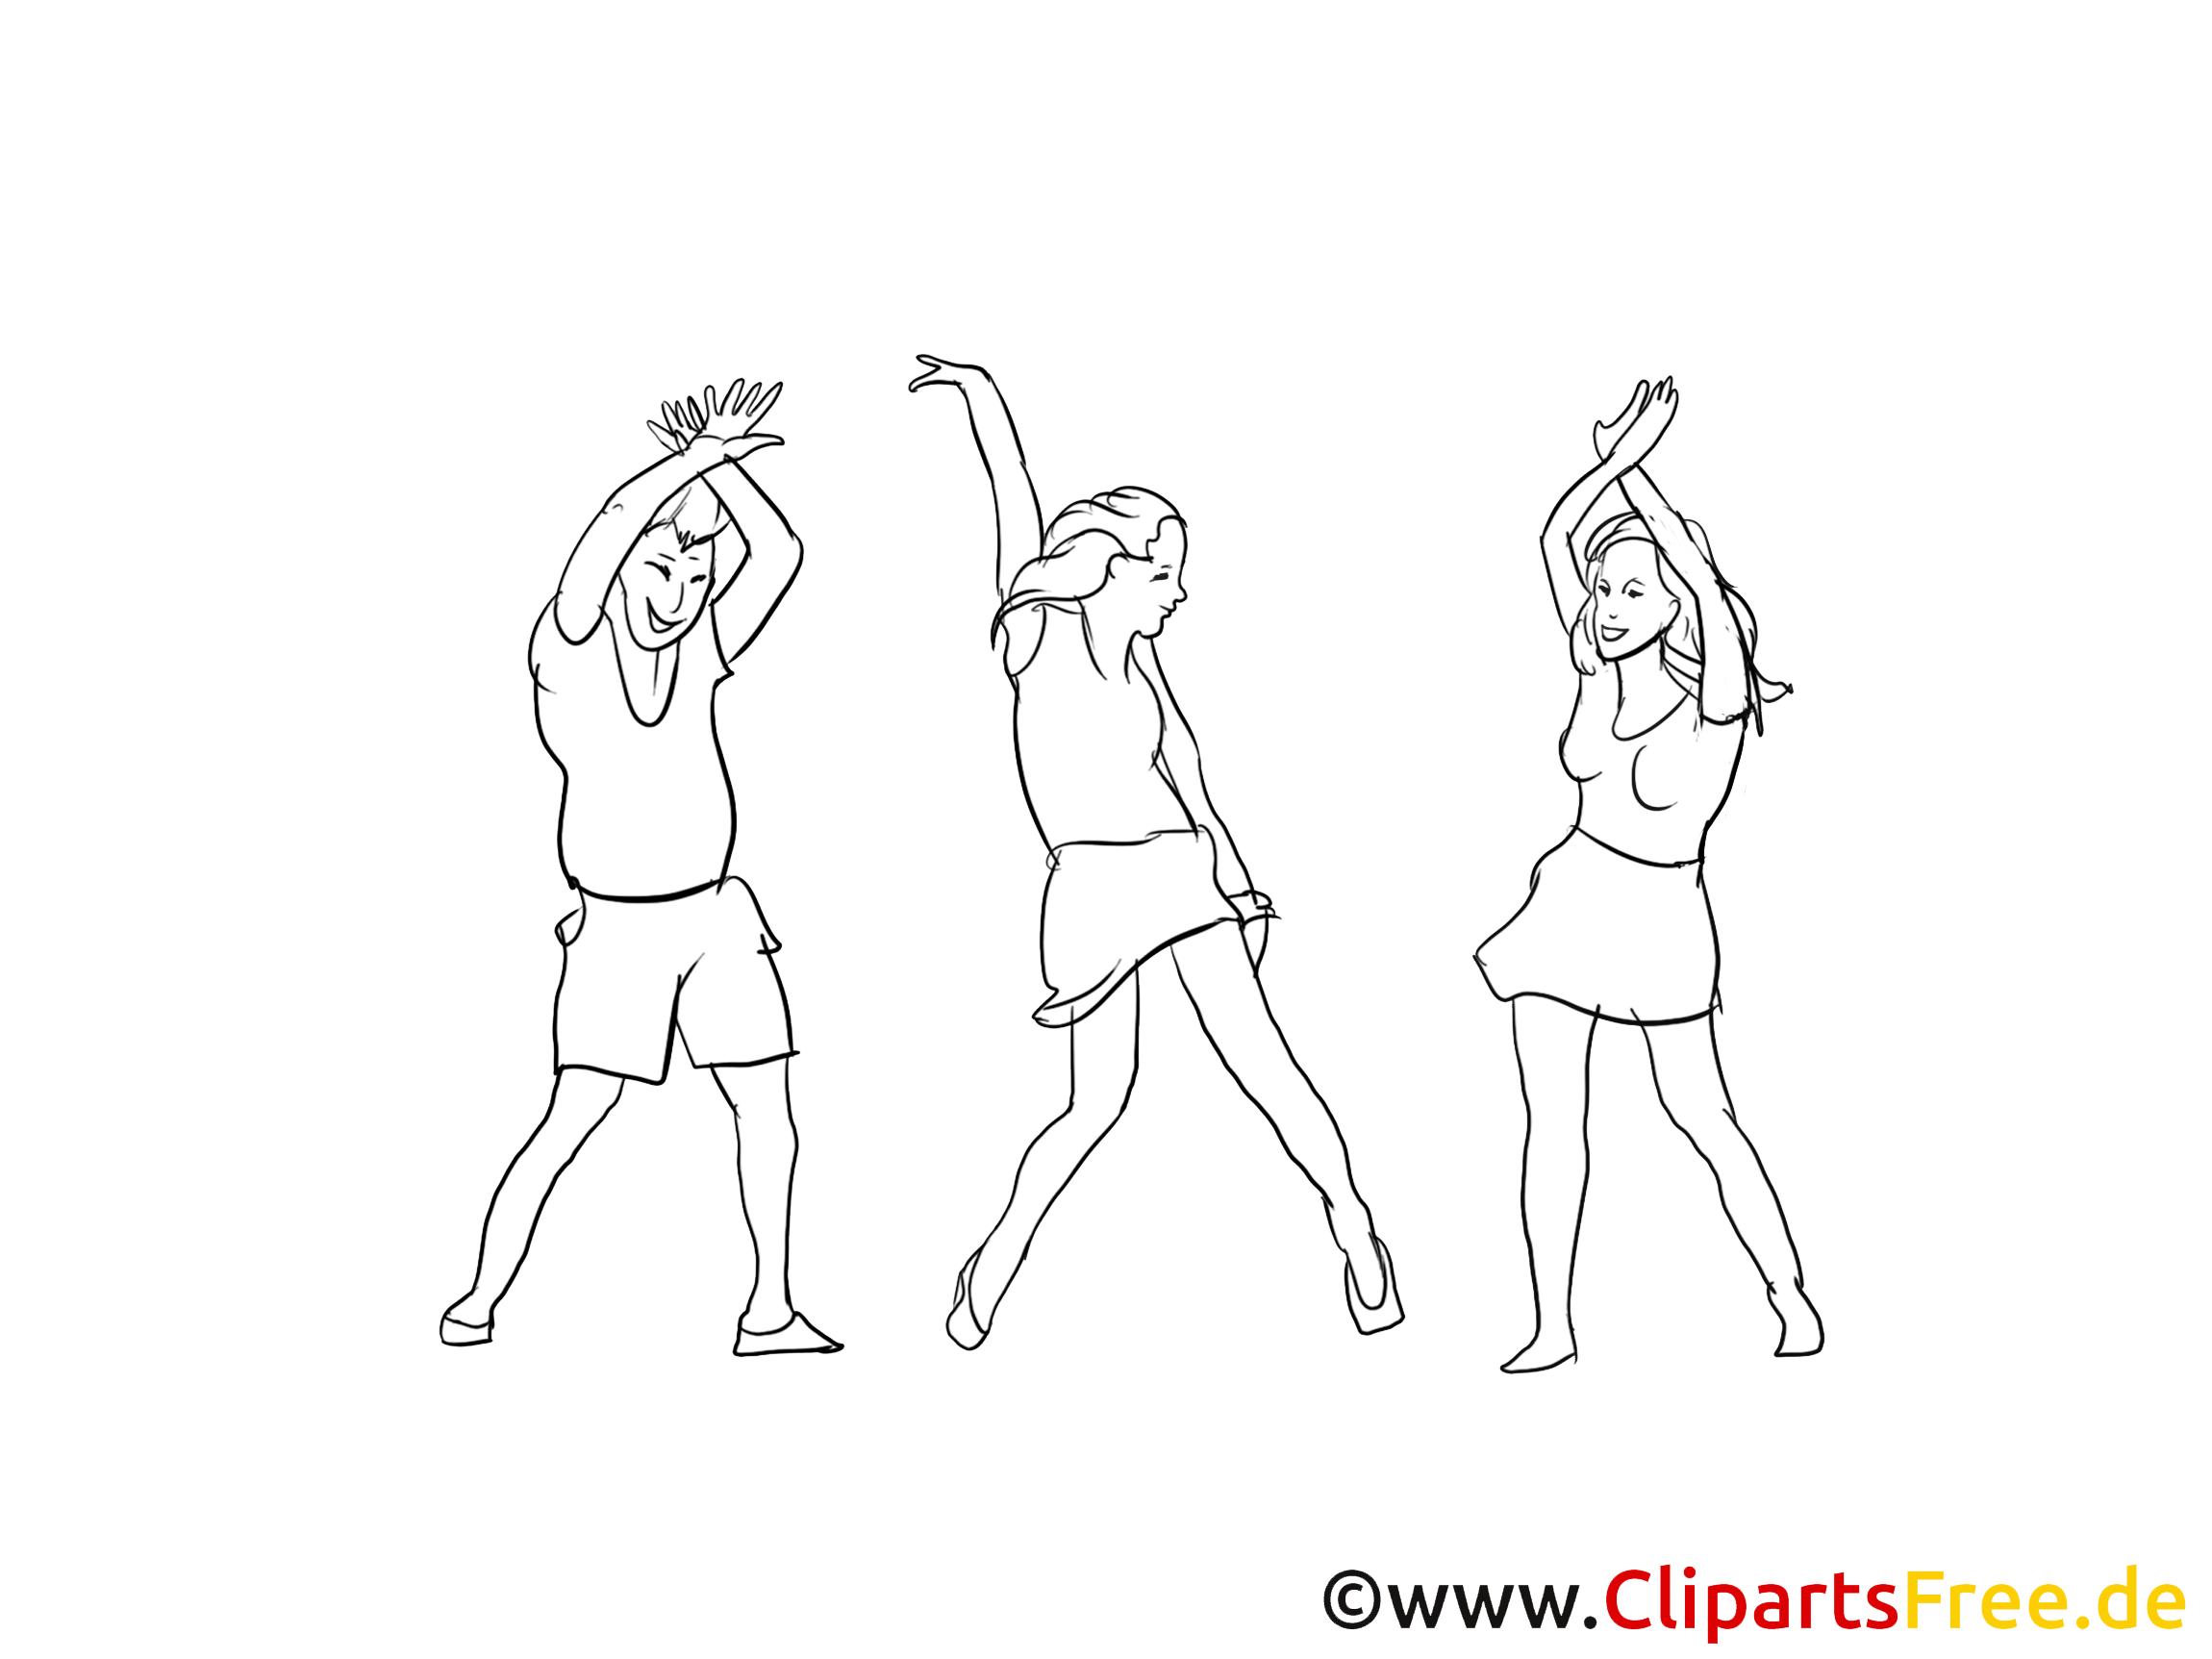 Danseuses dessin gratuit à colorier